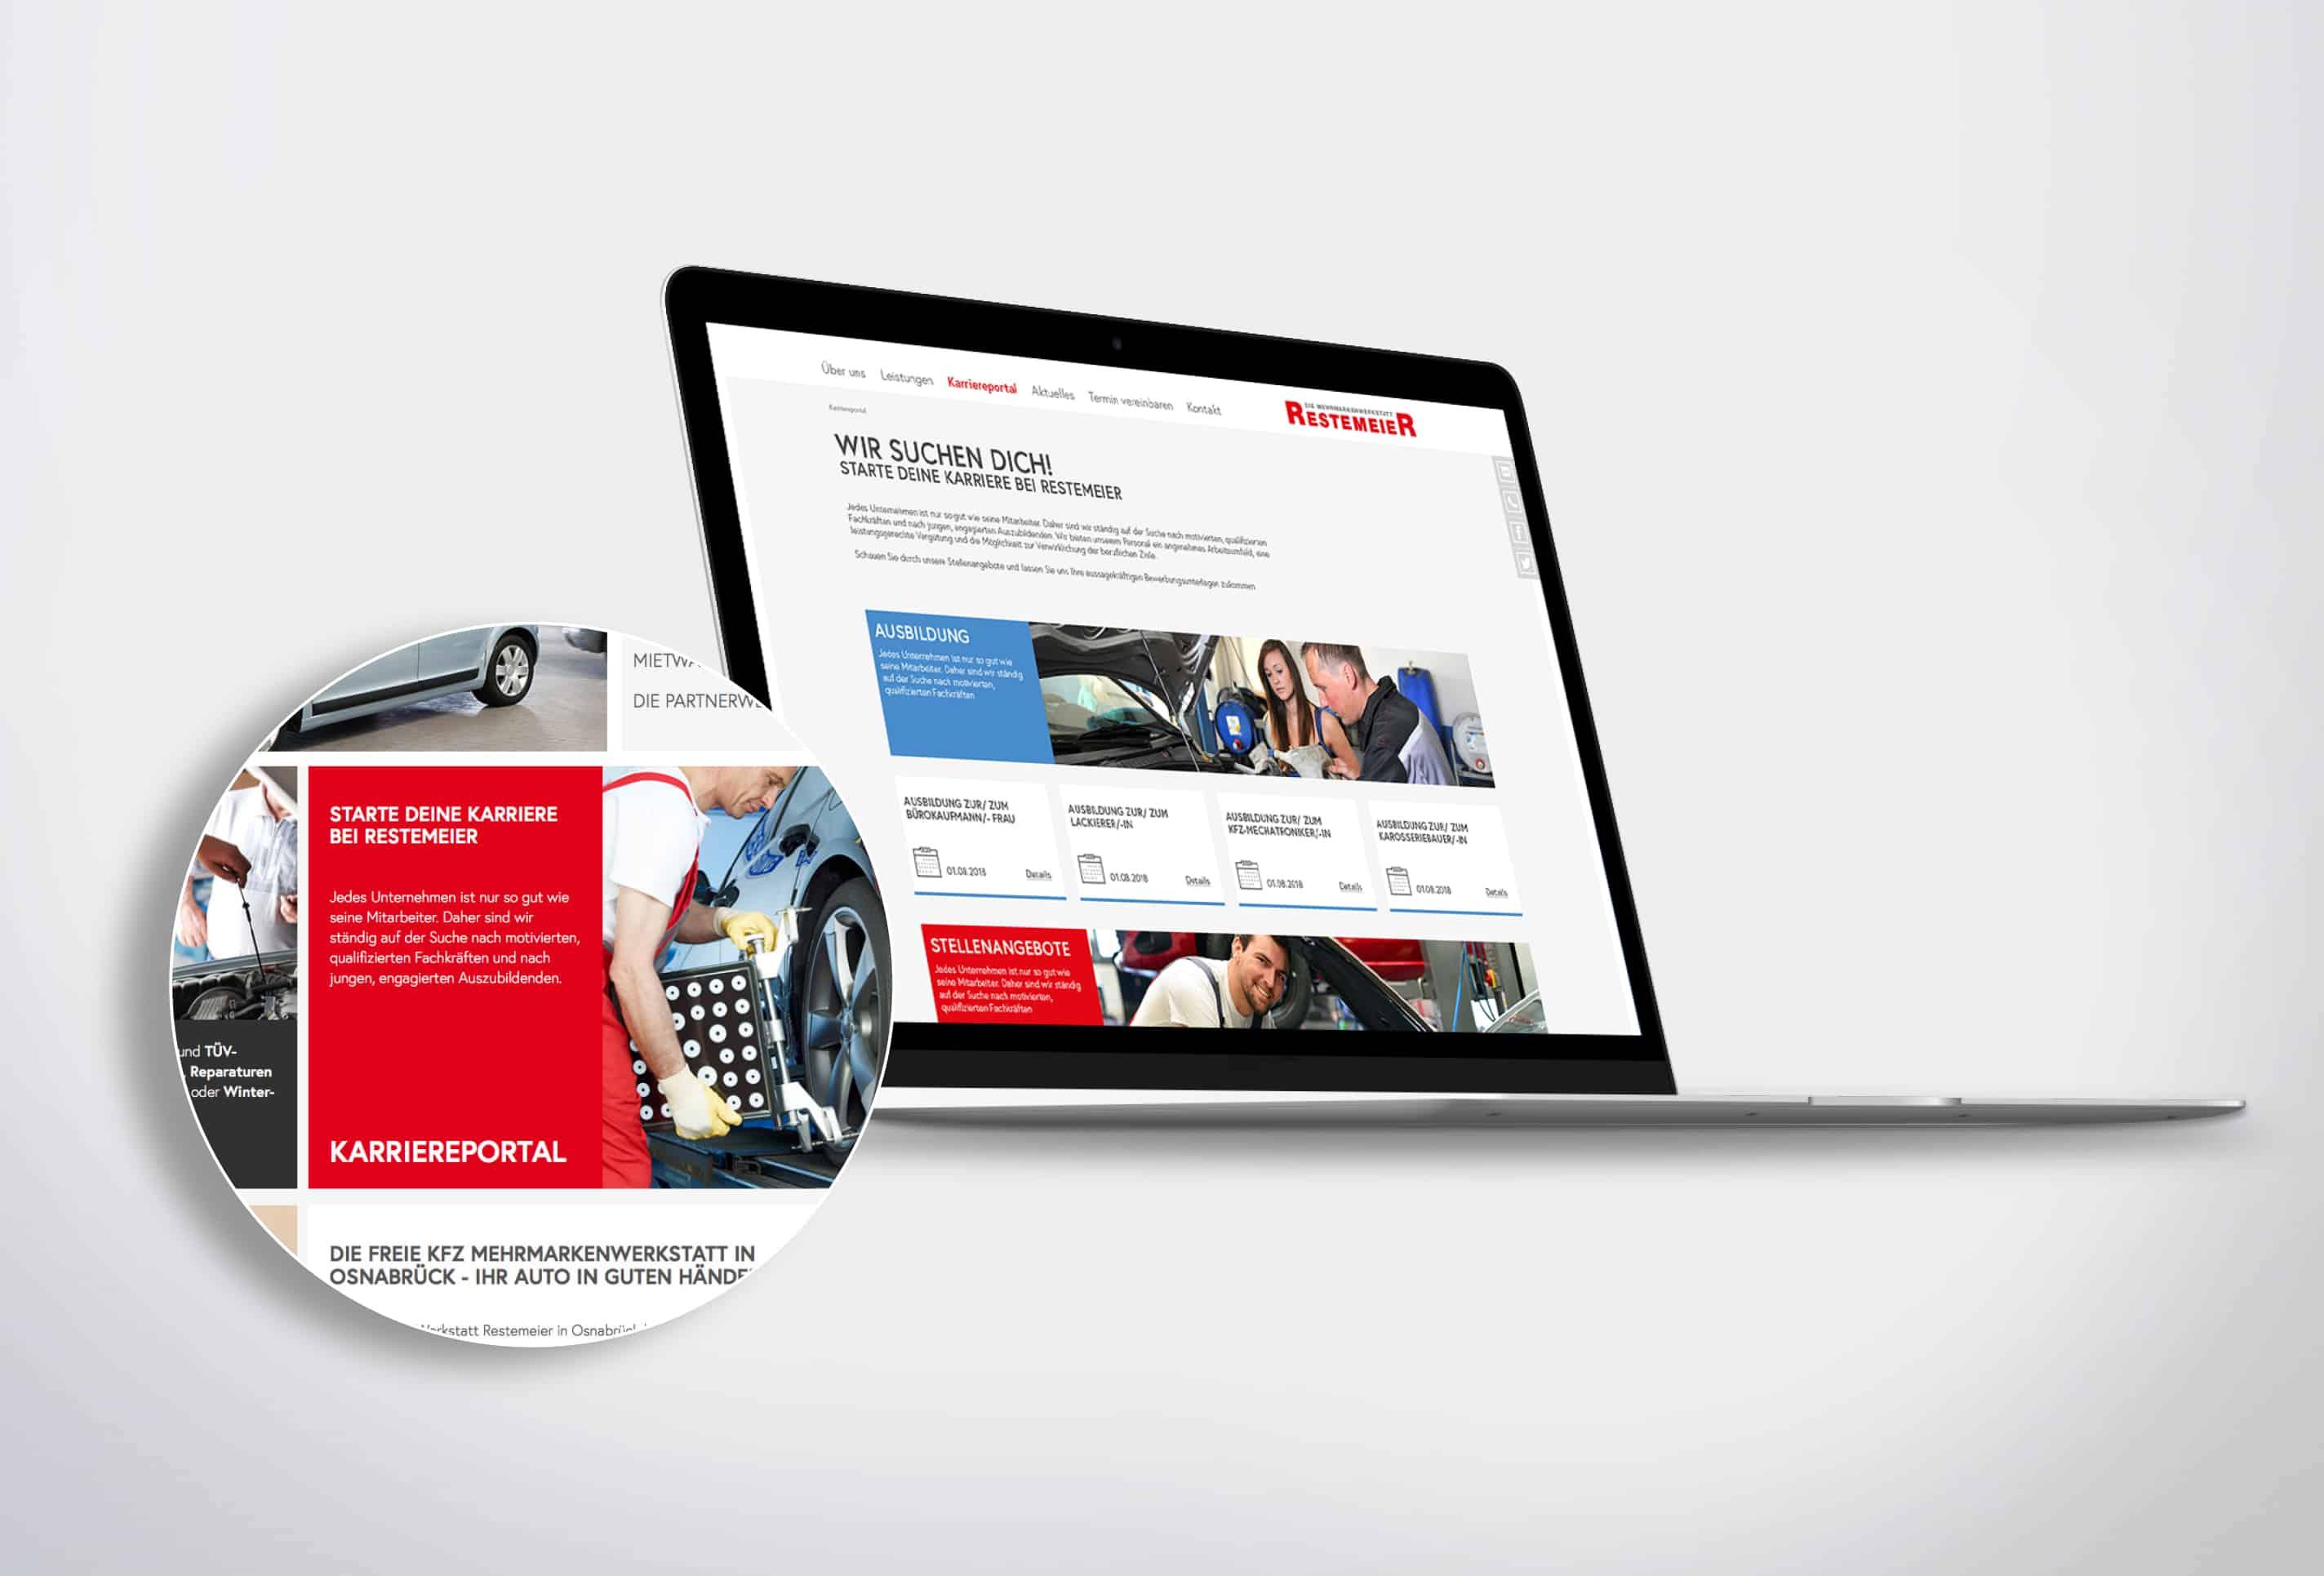 Personalmarketing Restemeier gestaltet von team4media - Ihre Werbeagentur aus Osnabrück